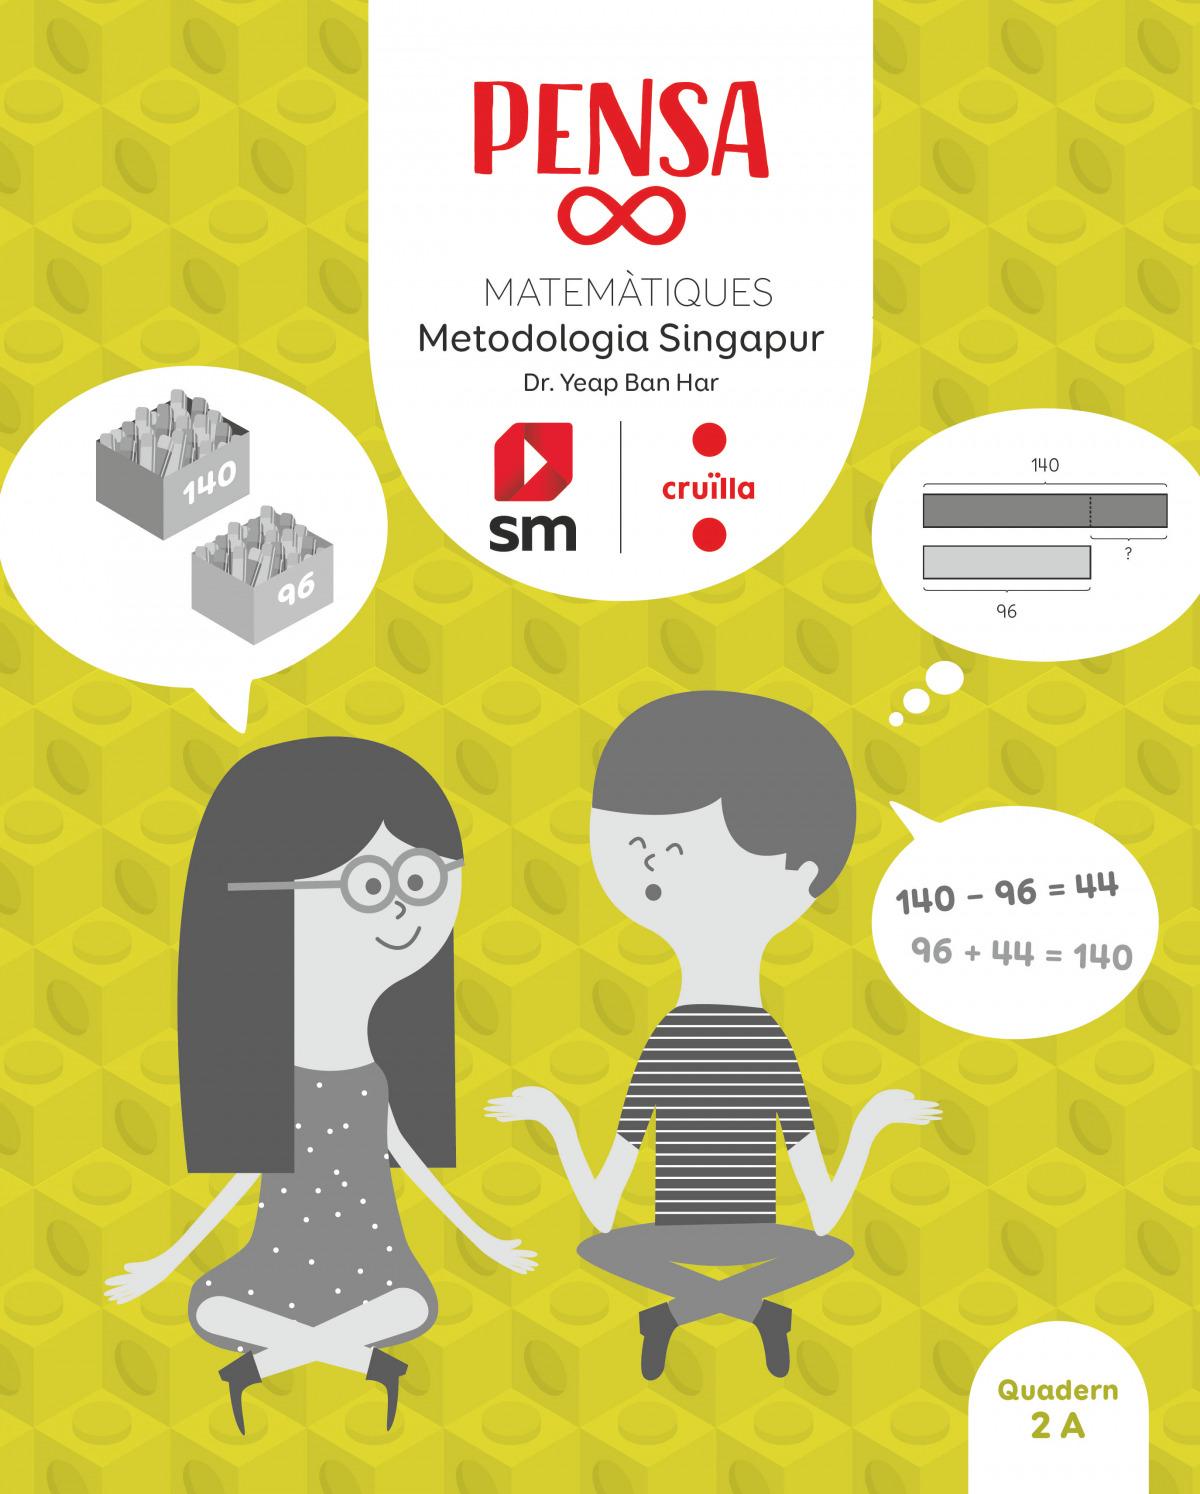 Pensa [infinit]. Metodologia Singapur. 2 Primària